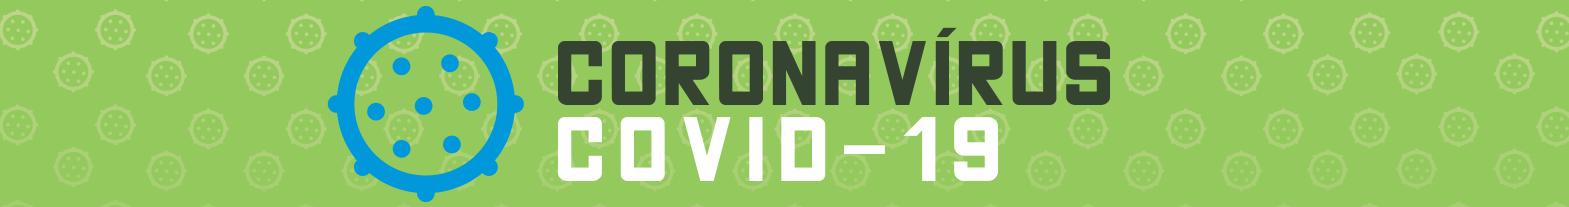 Confira abaixo as medidas que estão sendo adotadas para os processos de estágio probatório em razão da pandemia de coronavírus (Covid-19)